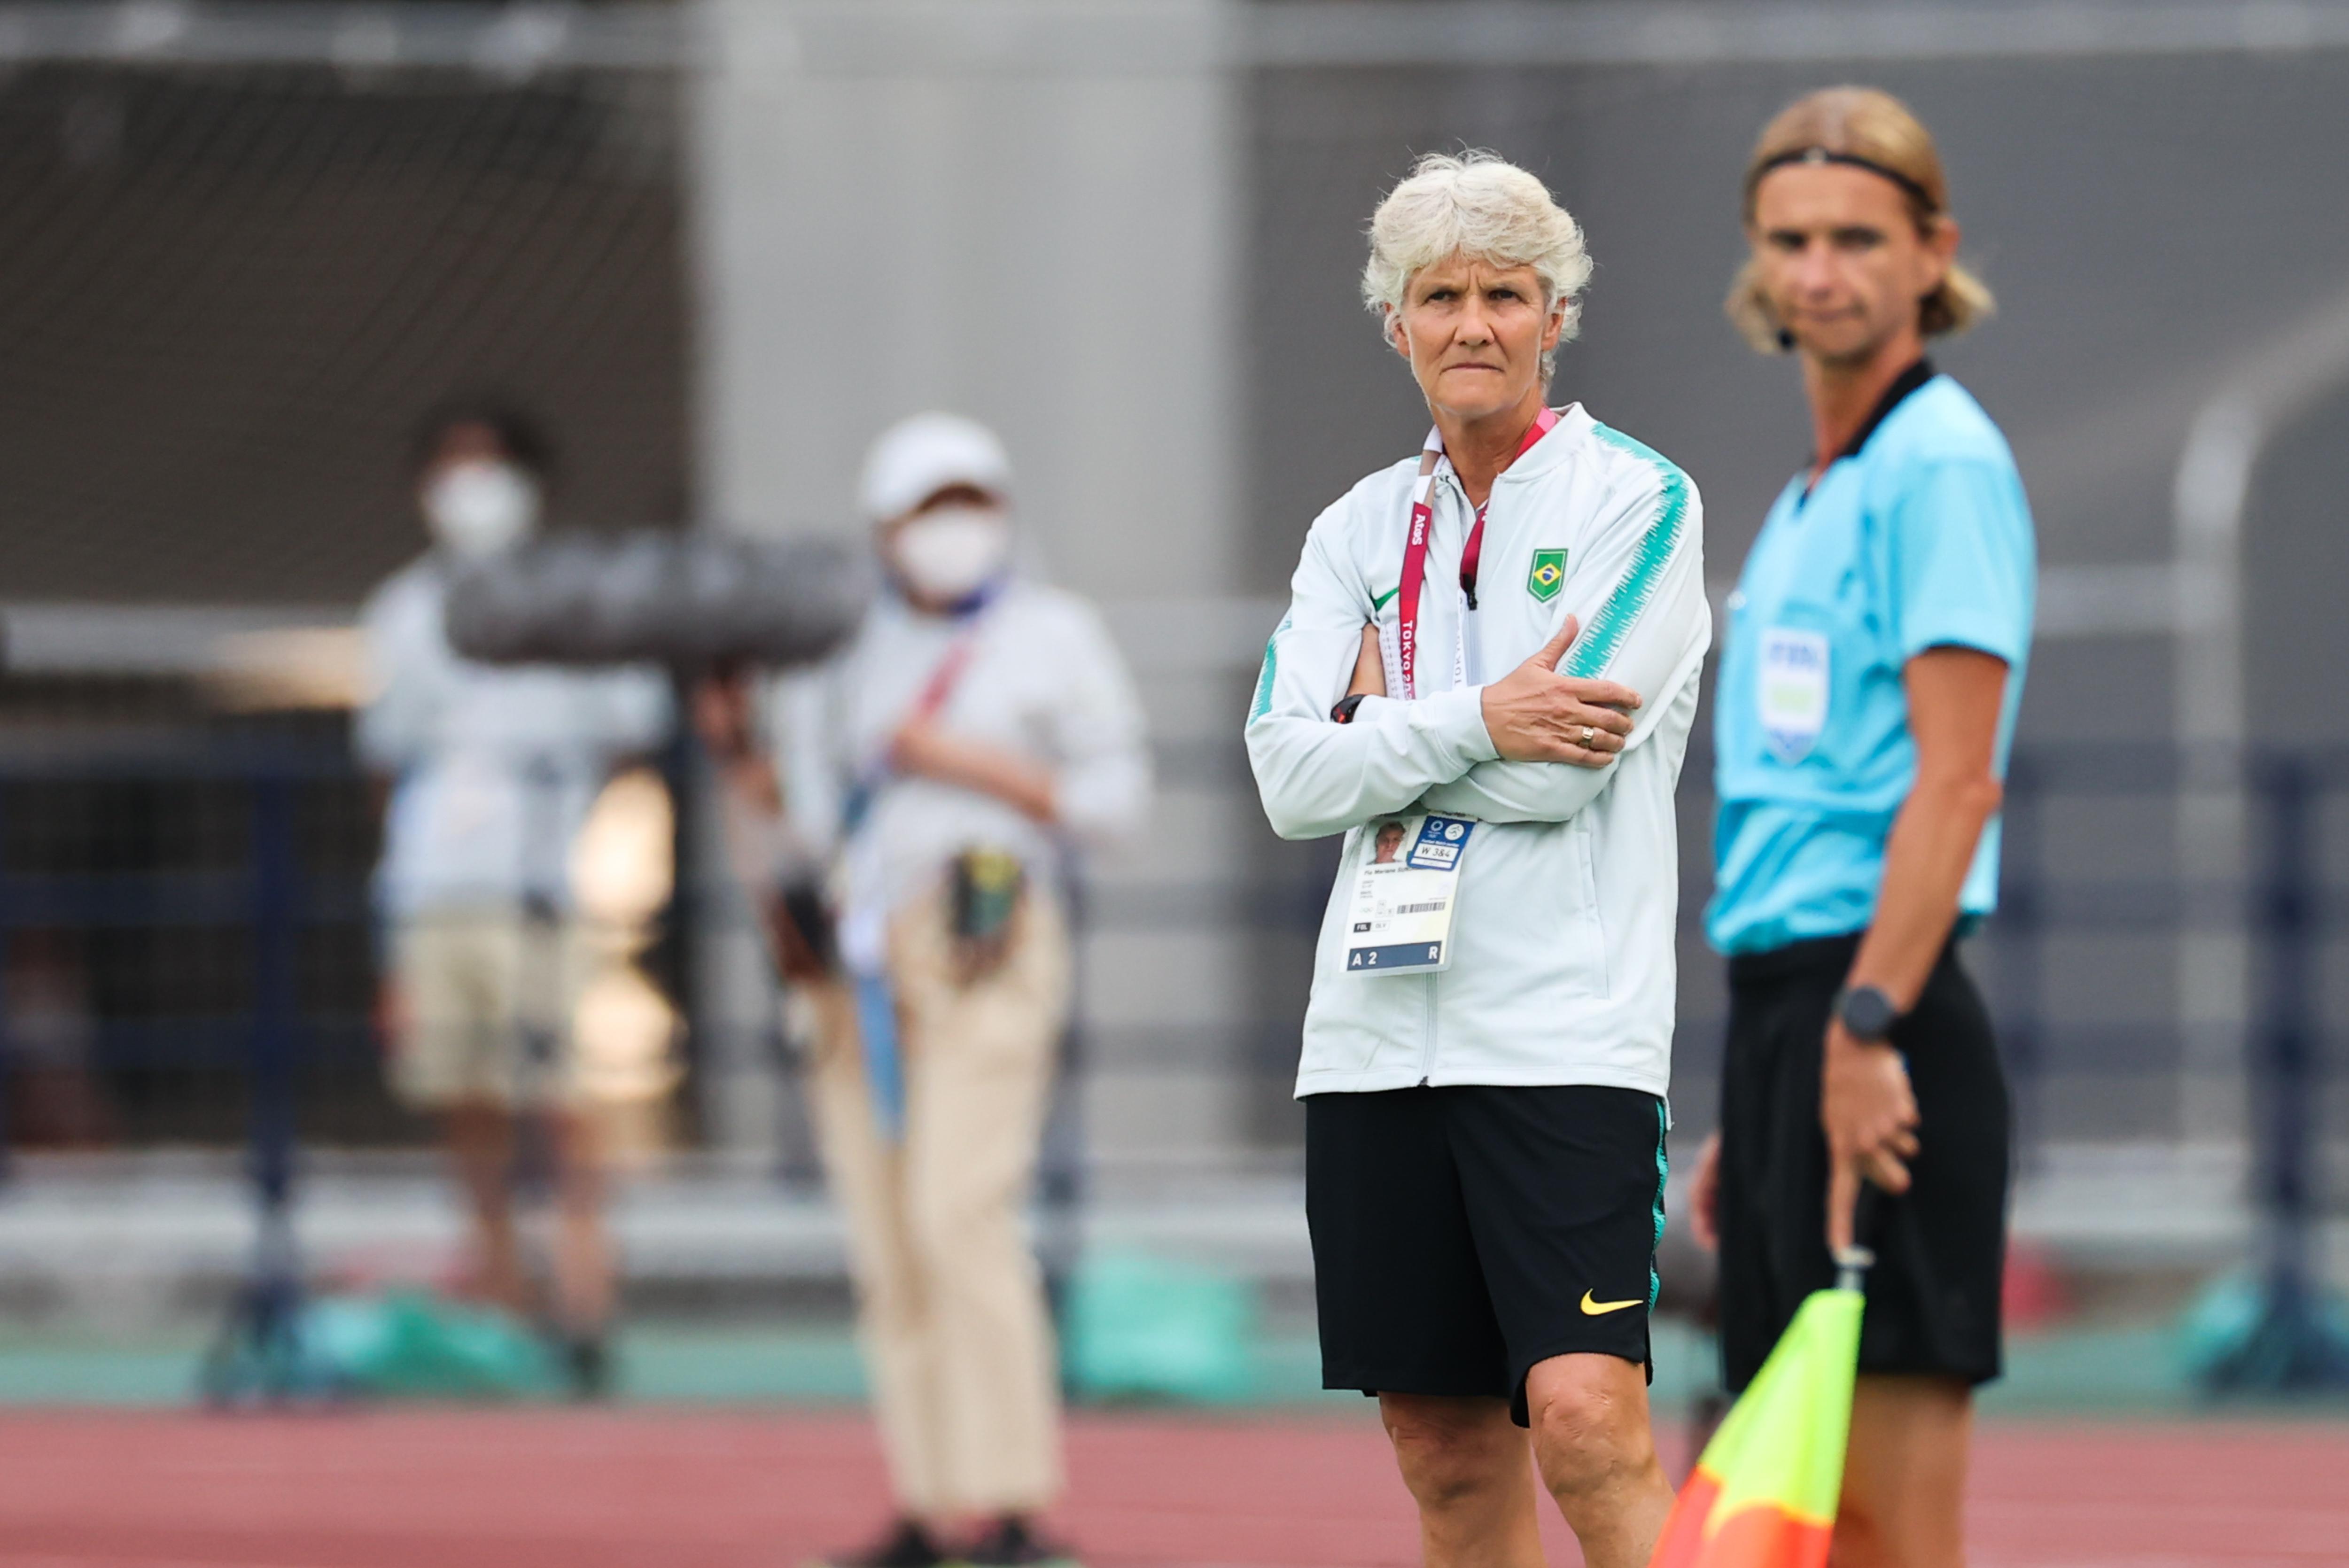 巴西女足主帅皮娅曾执教中国女足。